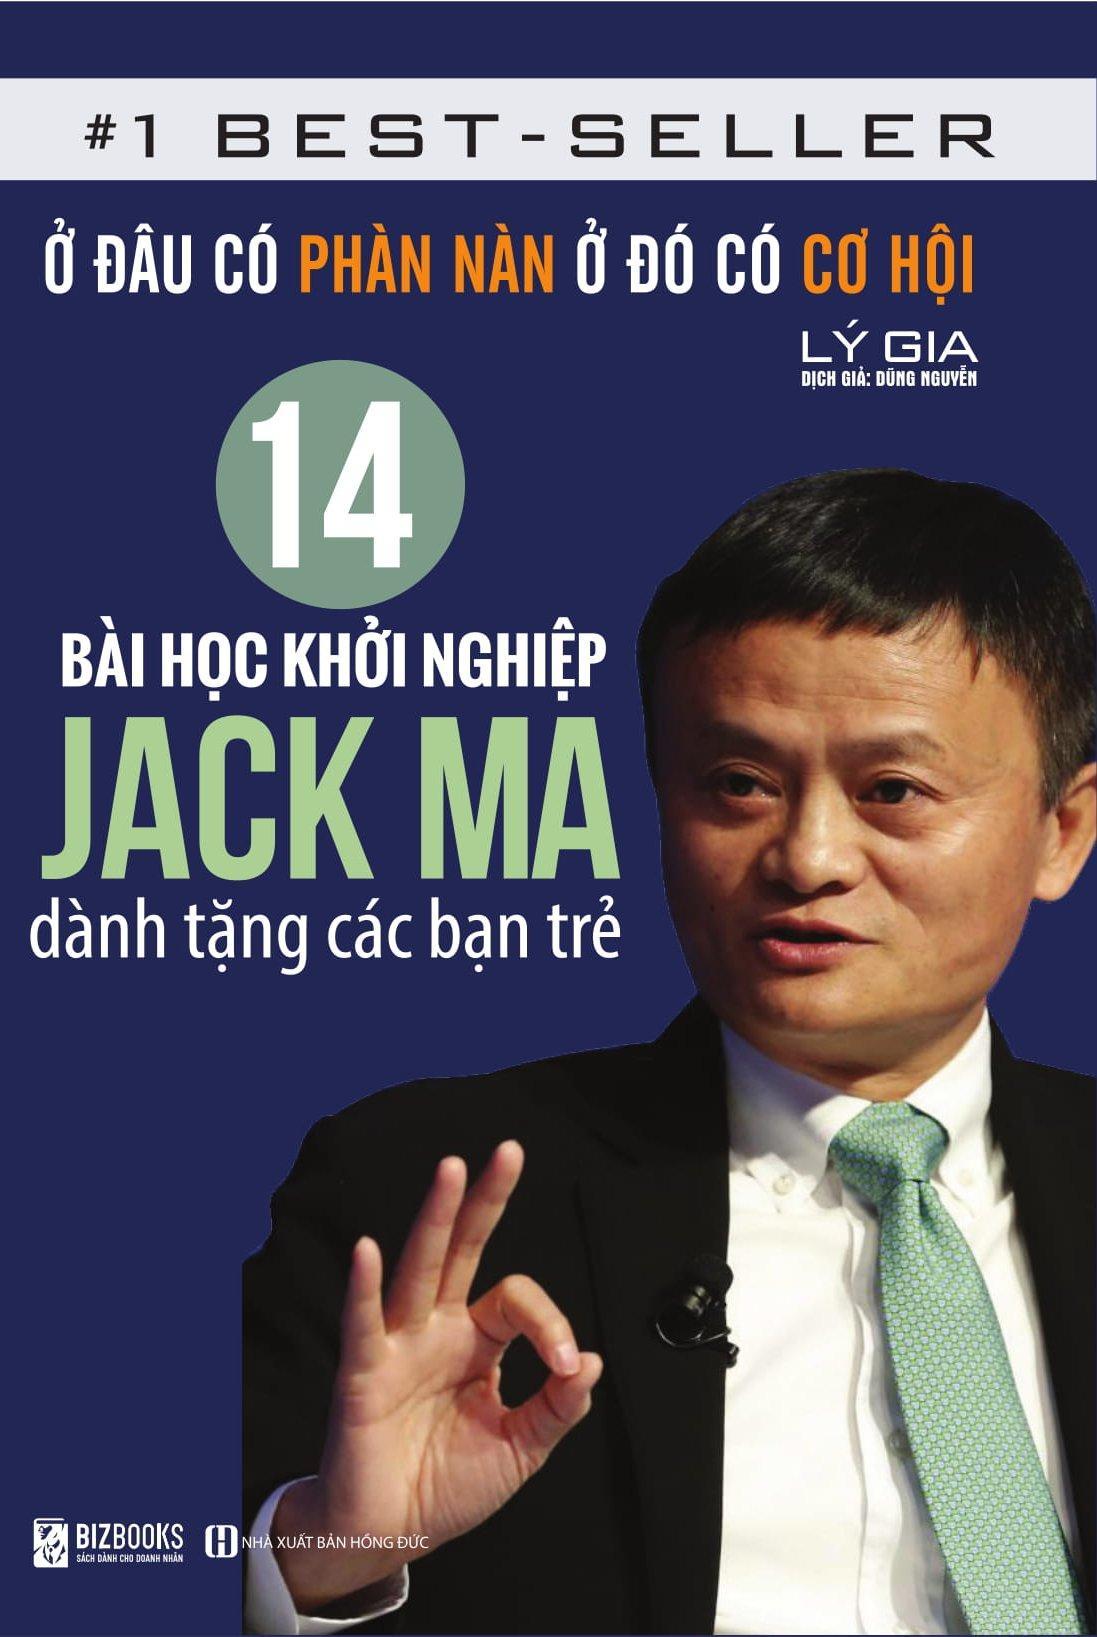 Mua Ở Đâu Có Phàn Nàn Ở Đó Có Cơ Hội: 14 Bài Học Khởi Nghiệp Jack Ma Dành Tặng Các Bạn Trẻ